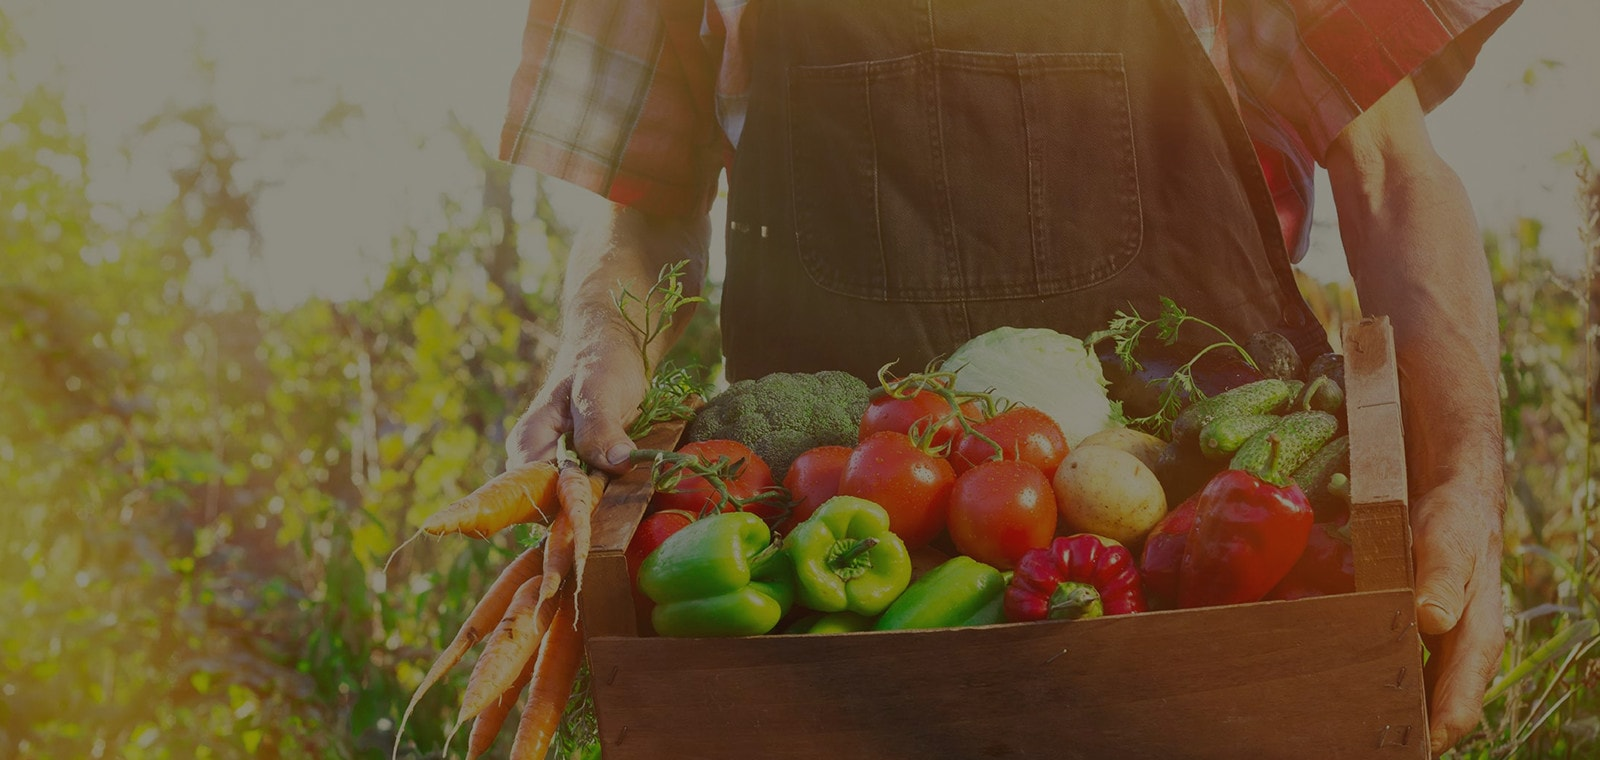 агрофирма партнер семена каталог 2020 официальный